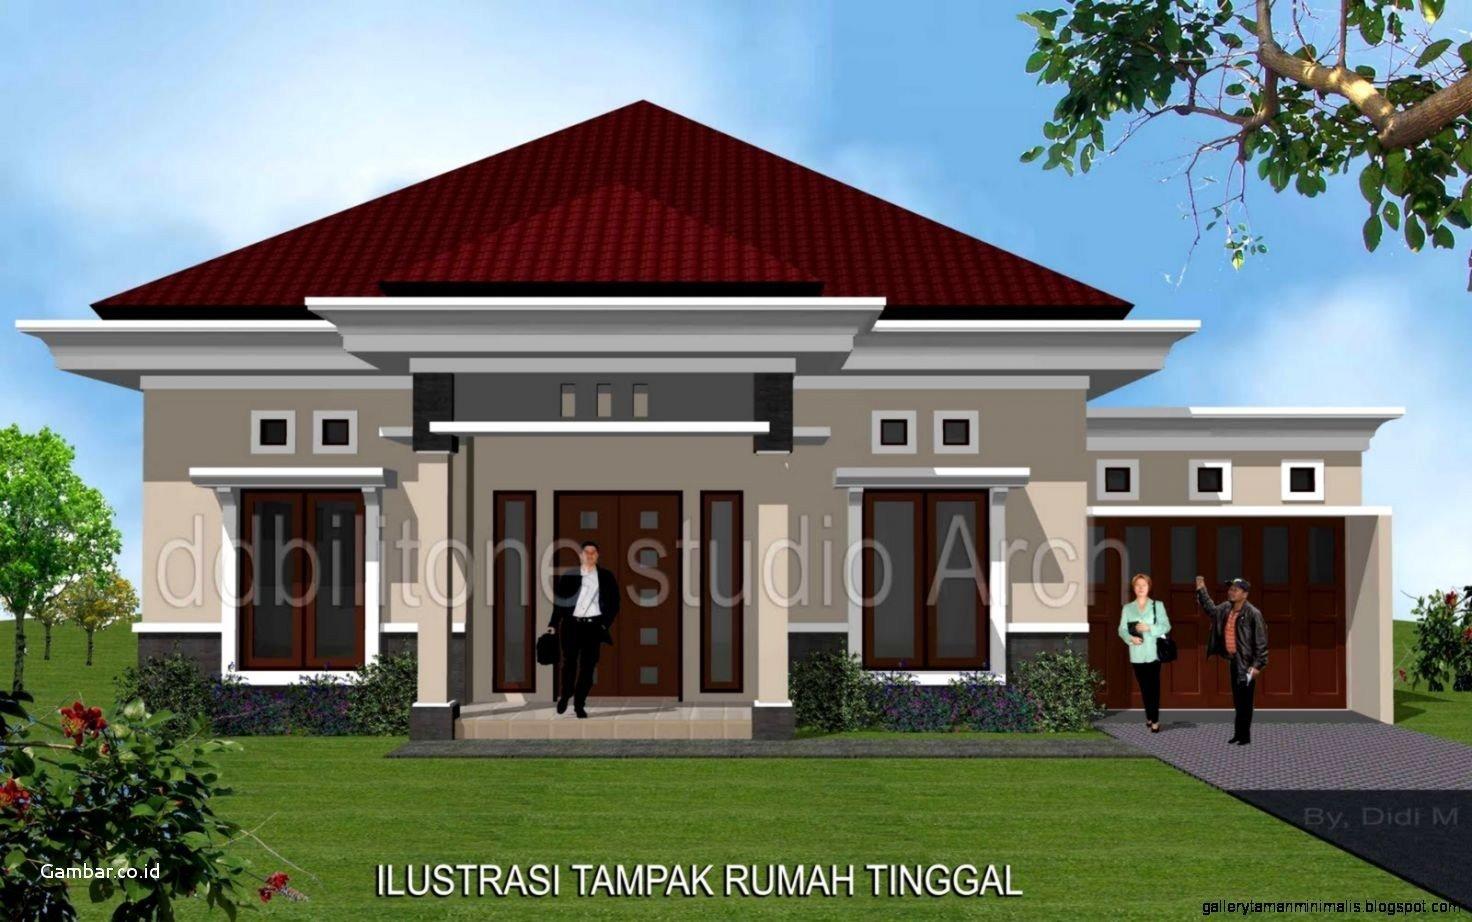 Rumah Minimalis 1 Lantai Tampak Depan 1472x922 Download Hd Wallpaper Wallpapertip